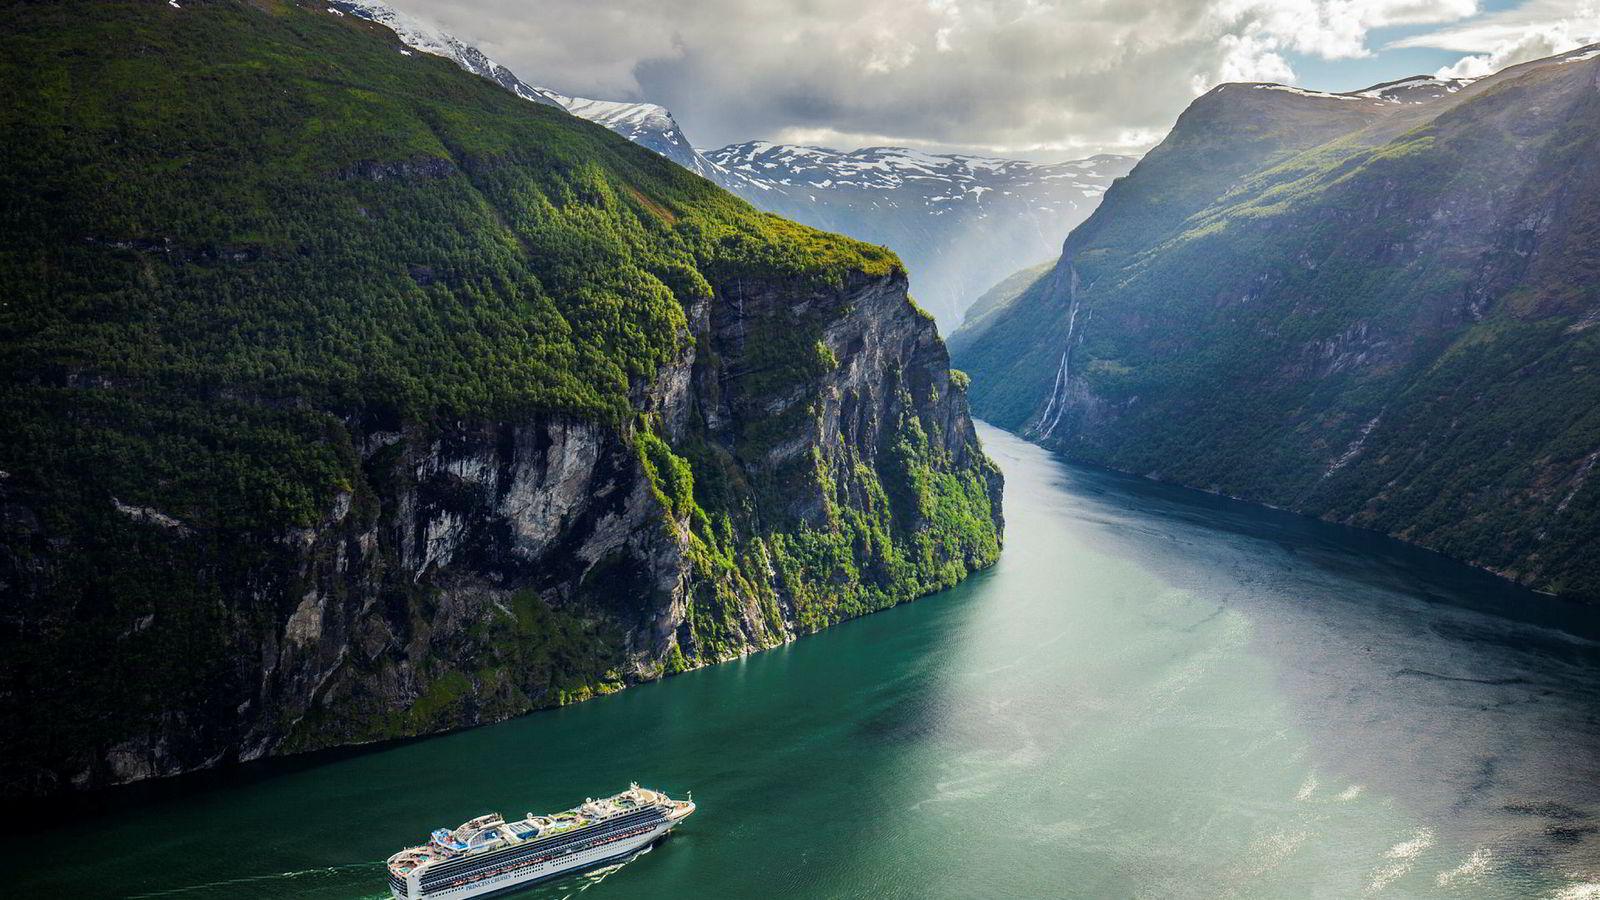 Her er cruiseskipet Sapphire Princess, eid av Princess Cruises, på vei ut Geirangerfjorden i Møre og Romsdal.